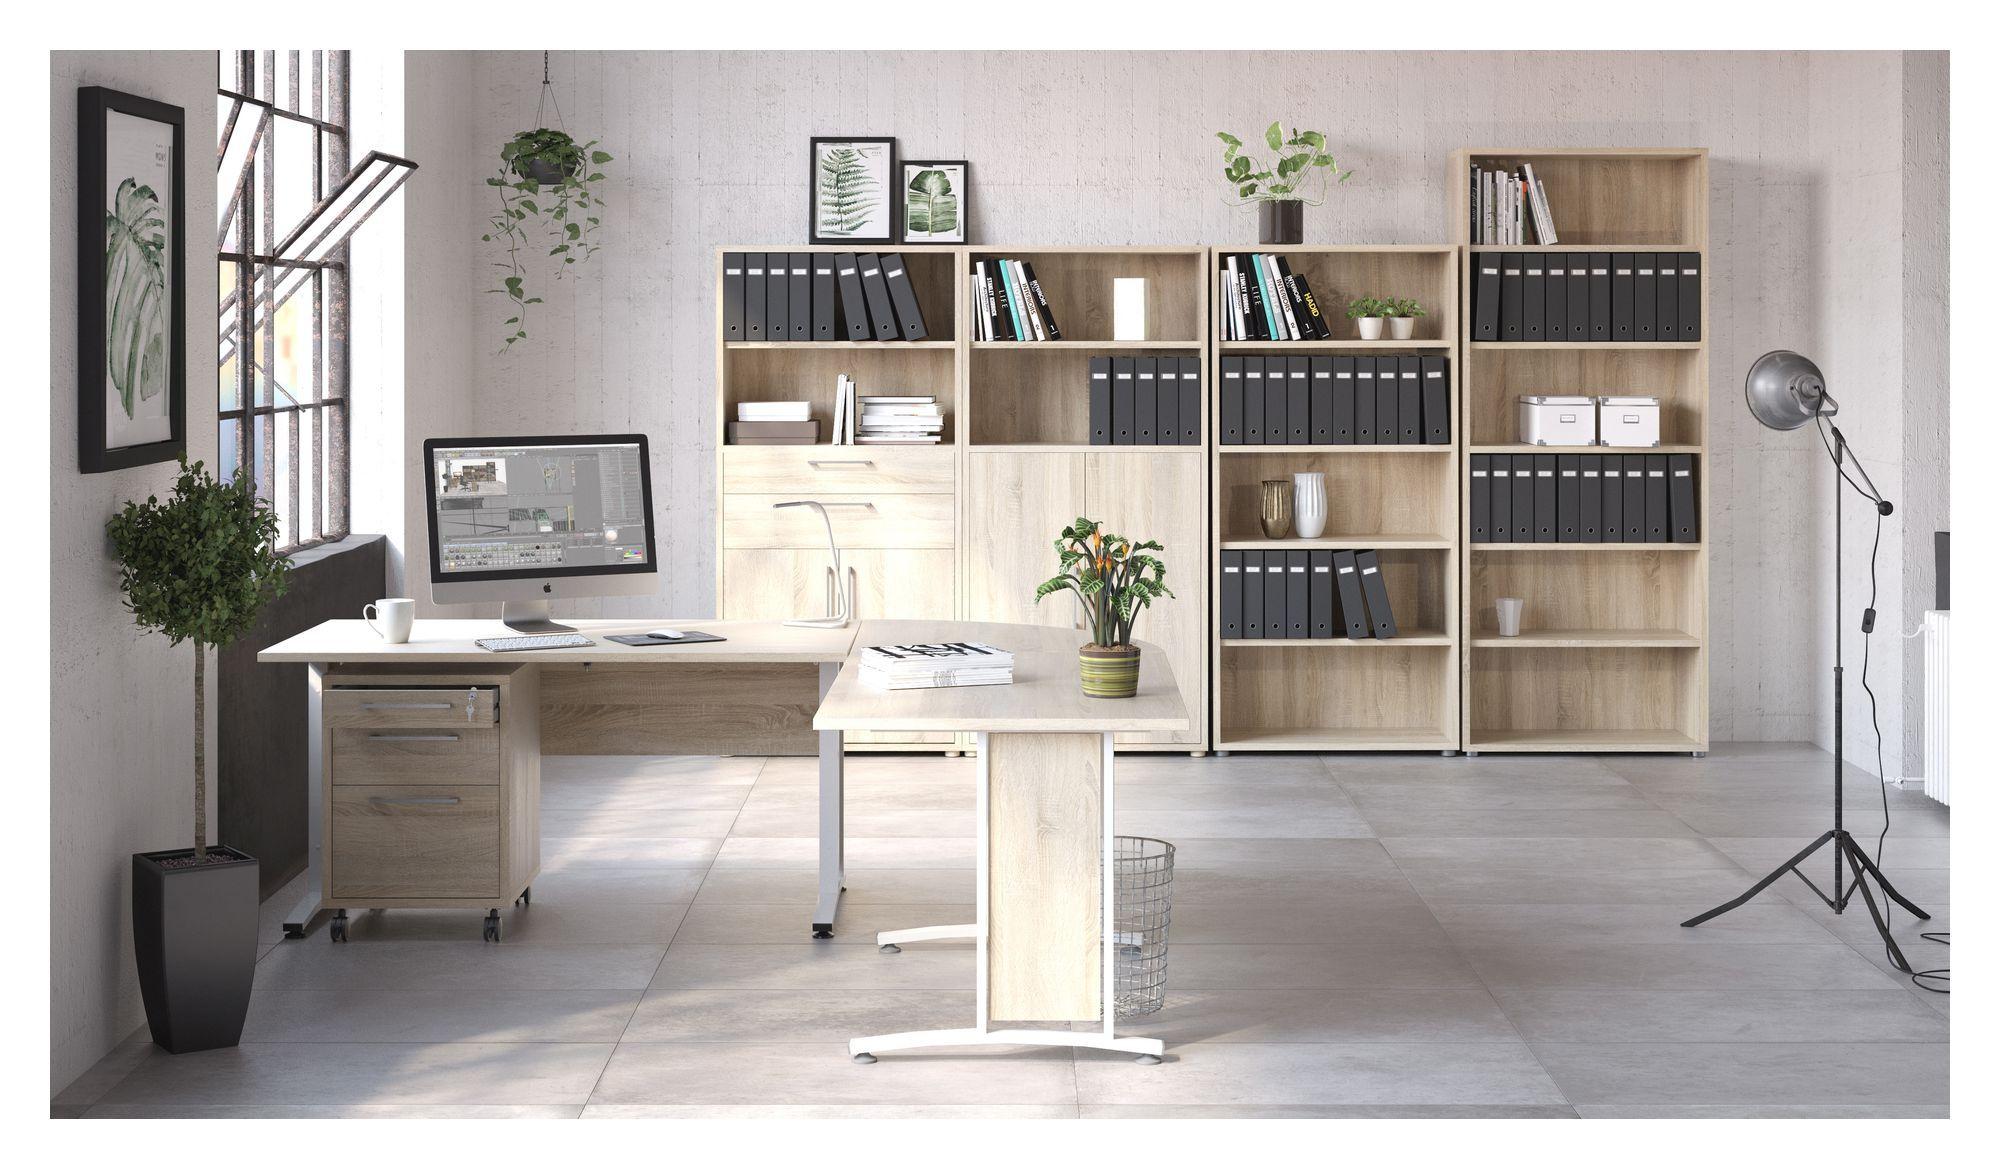 Prima Skrivebord - Lys træ 120cm m/hvide ben - Hvidt skrivebord med hvide ben